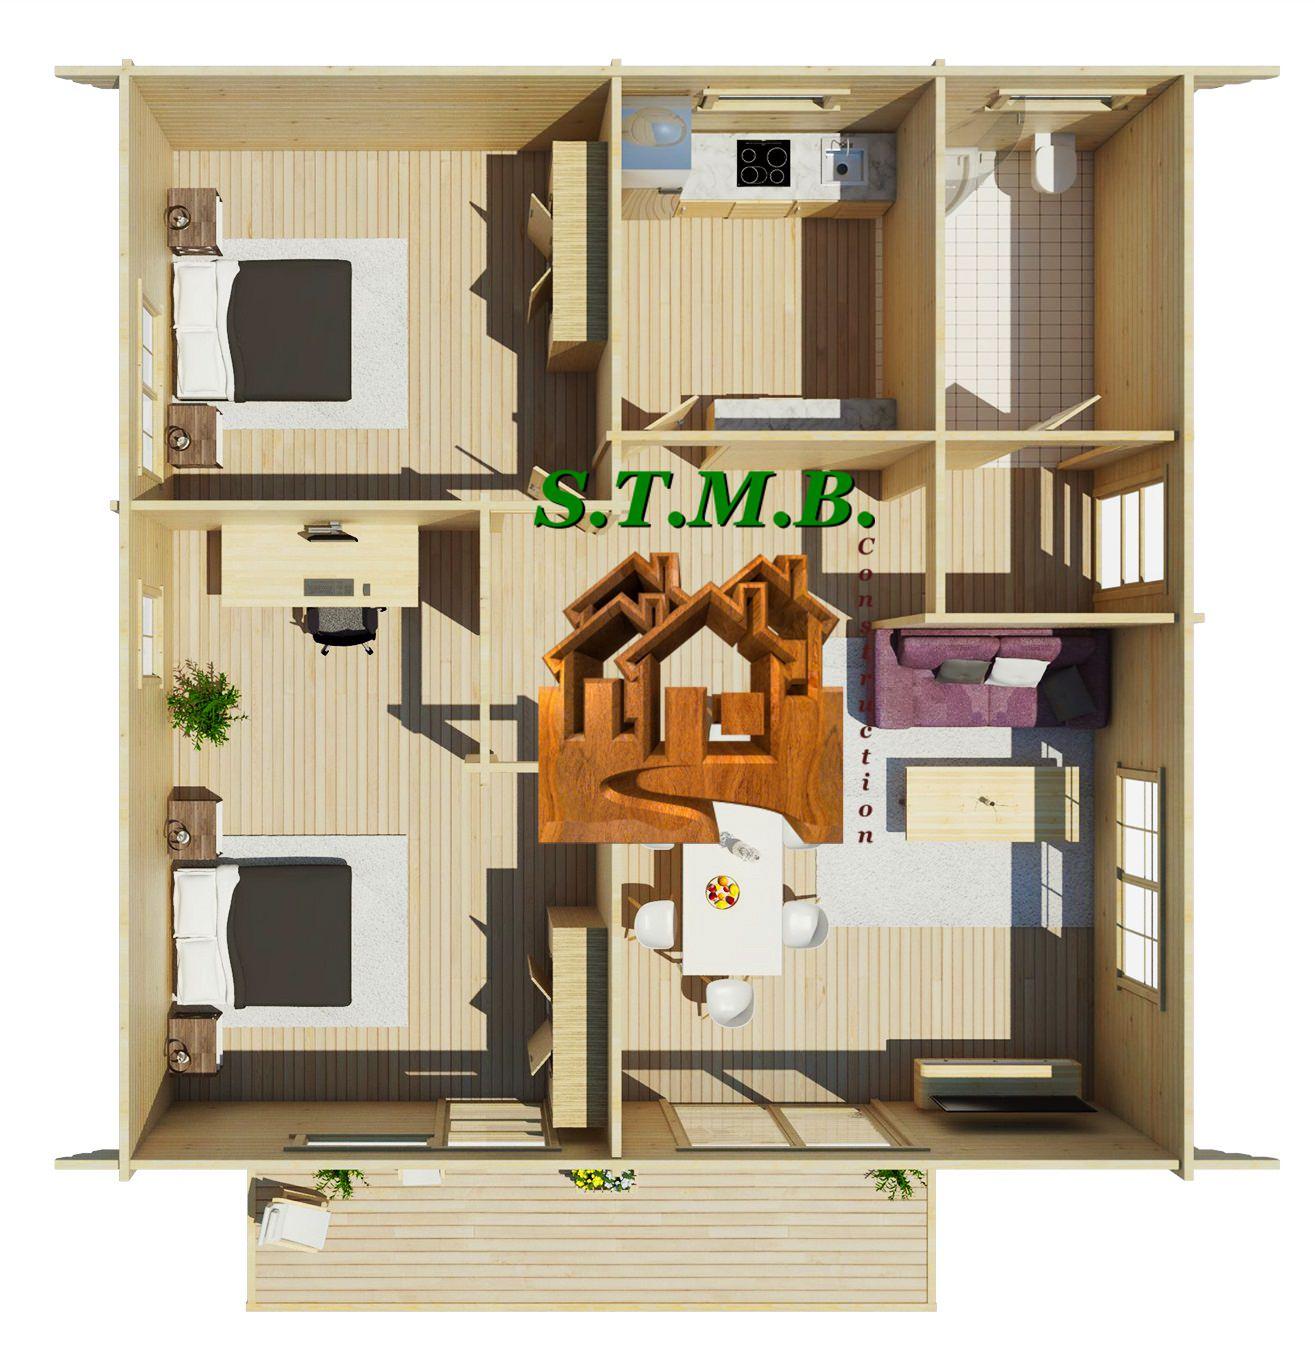 Une maison en bois comme maison d t for Fabrication d une maison en bois